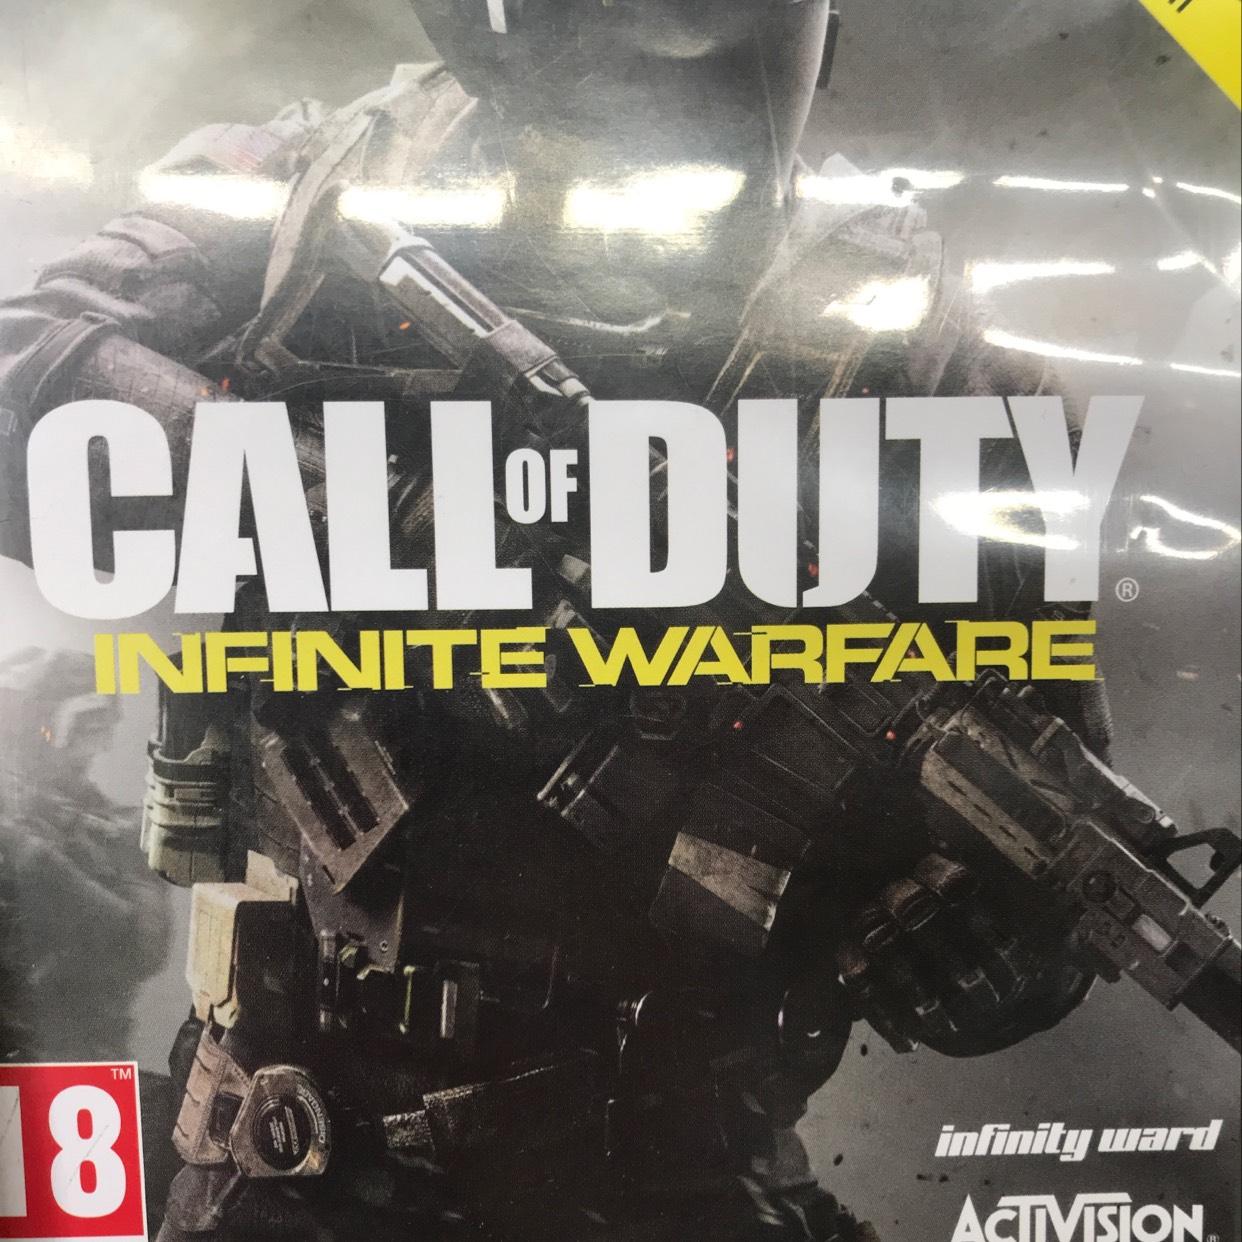 Call of duty infinite warfare Xbox1 £5 instore @ ASDA